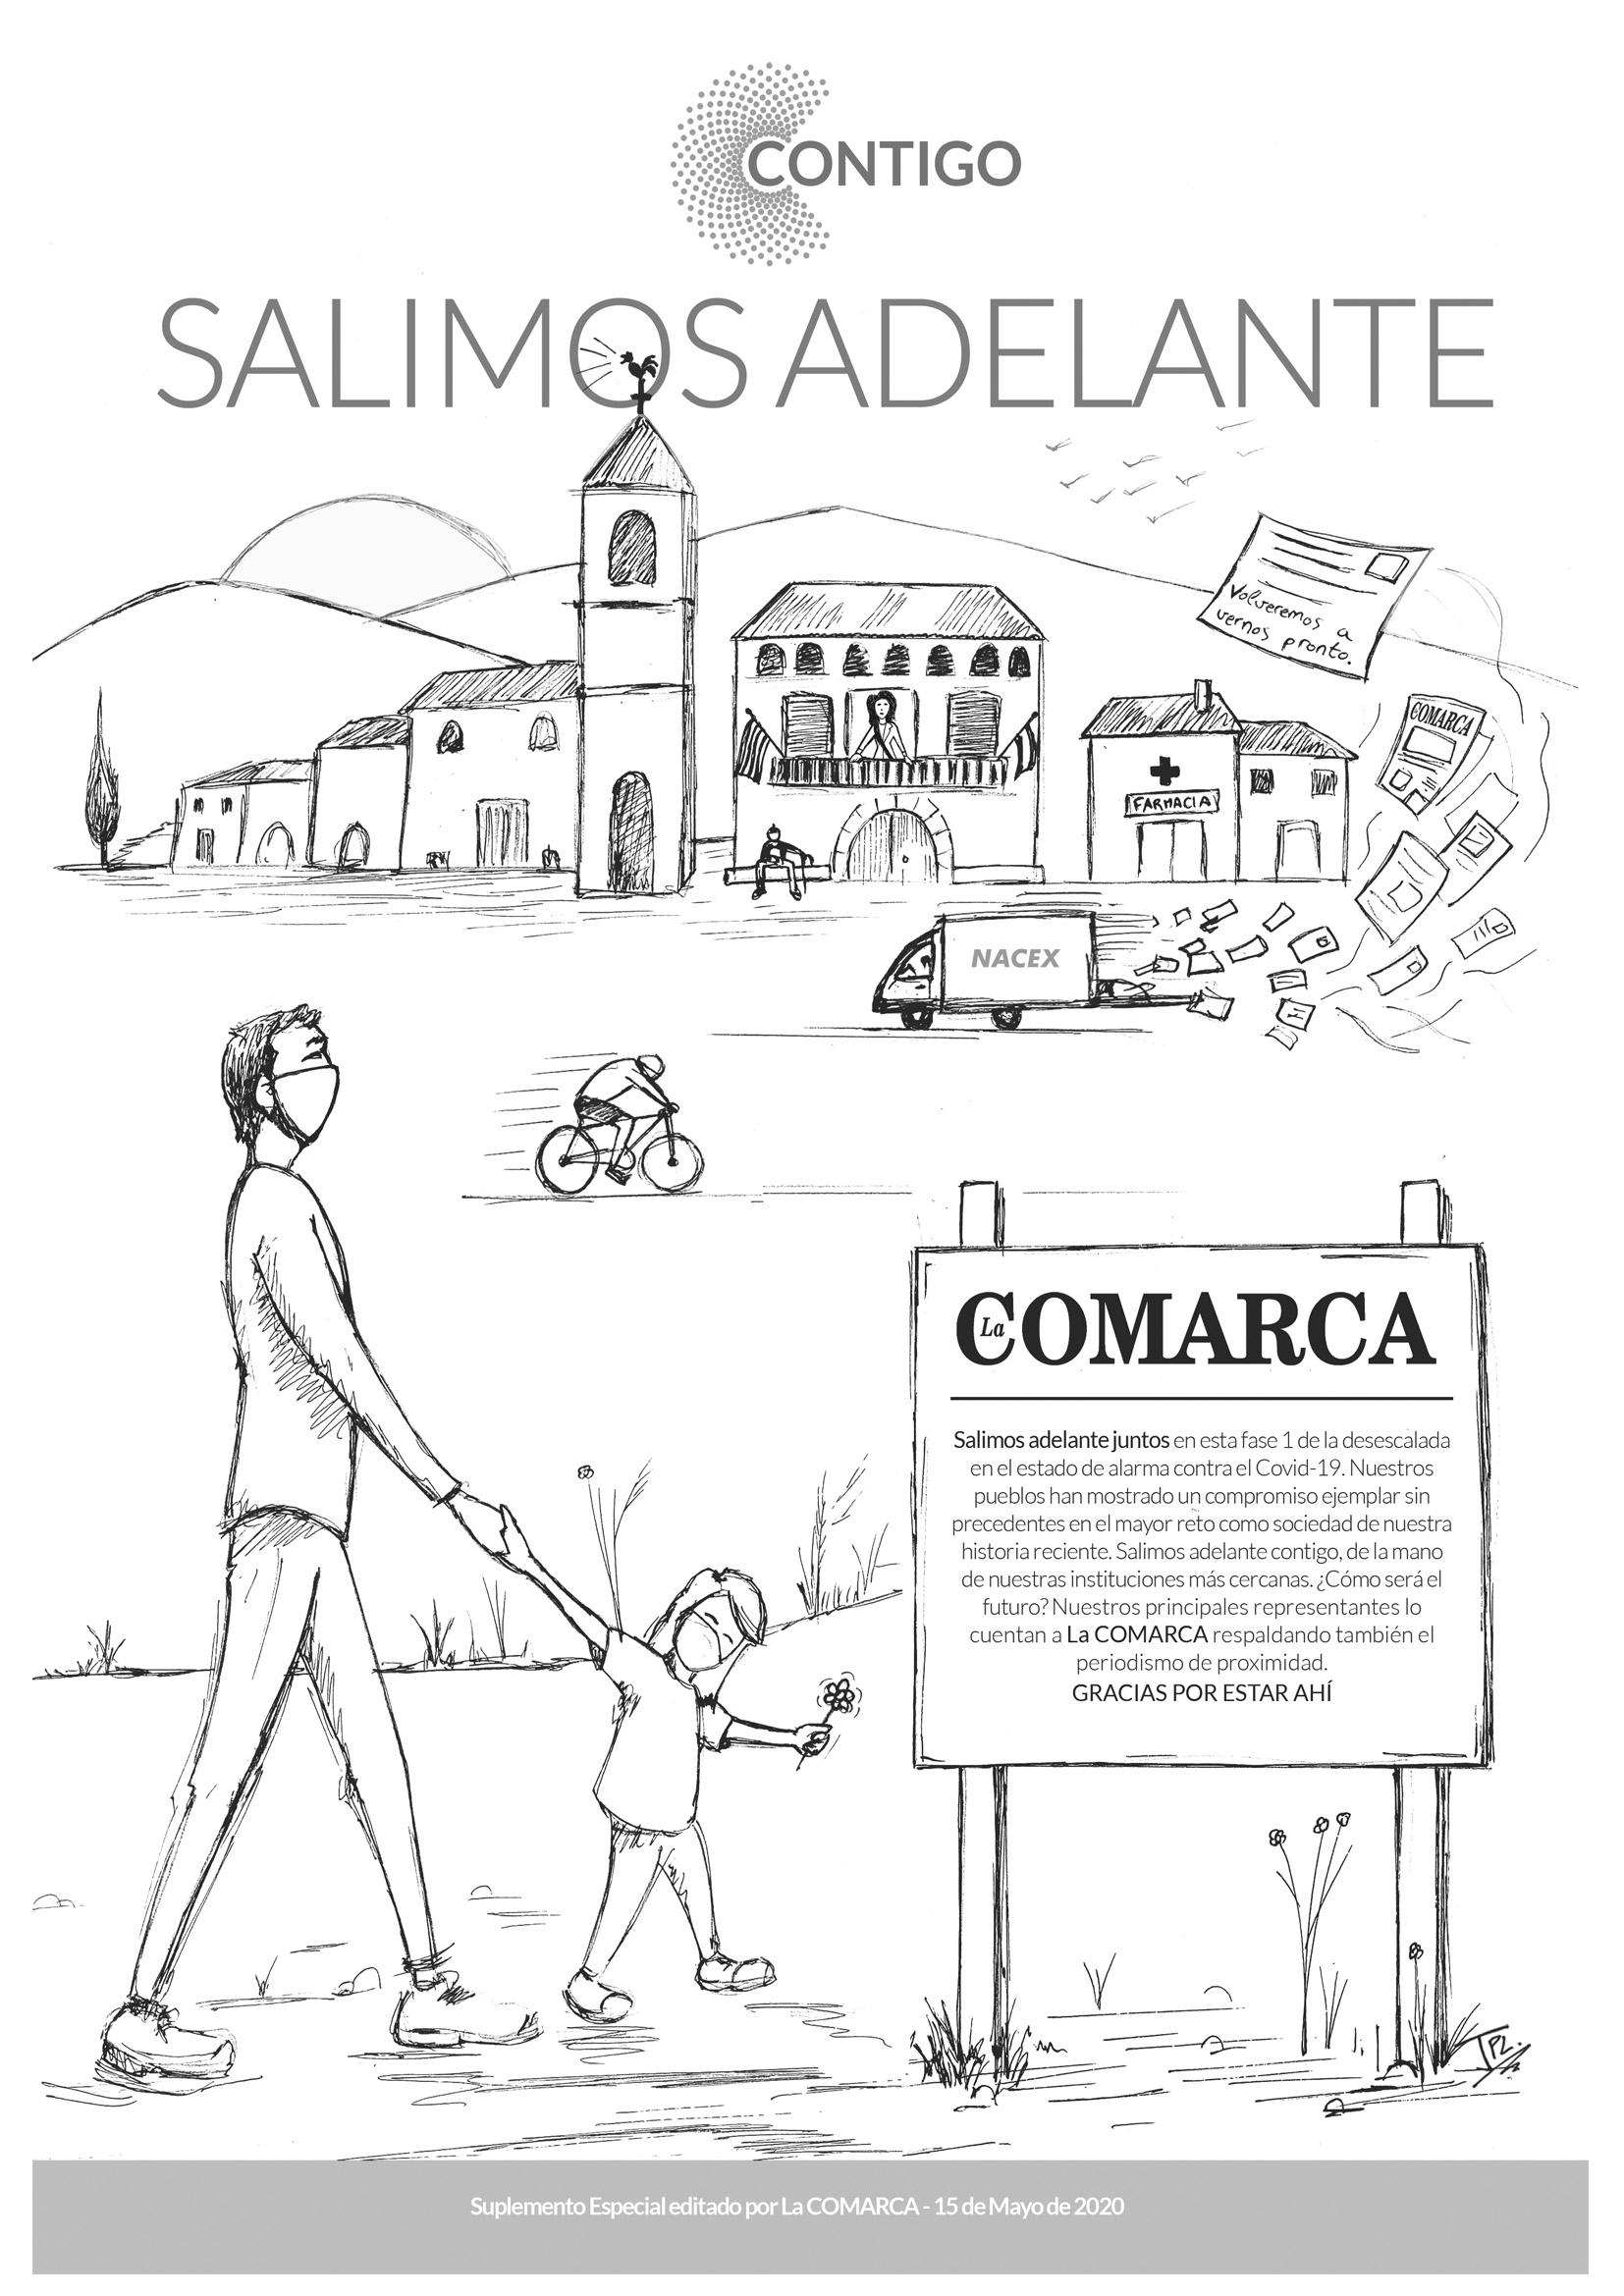 Portada del periódico La COMARCA coloreable